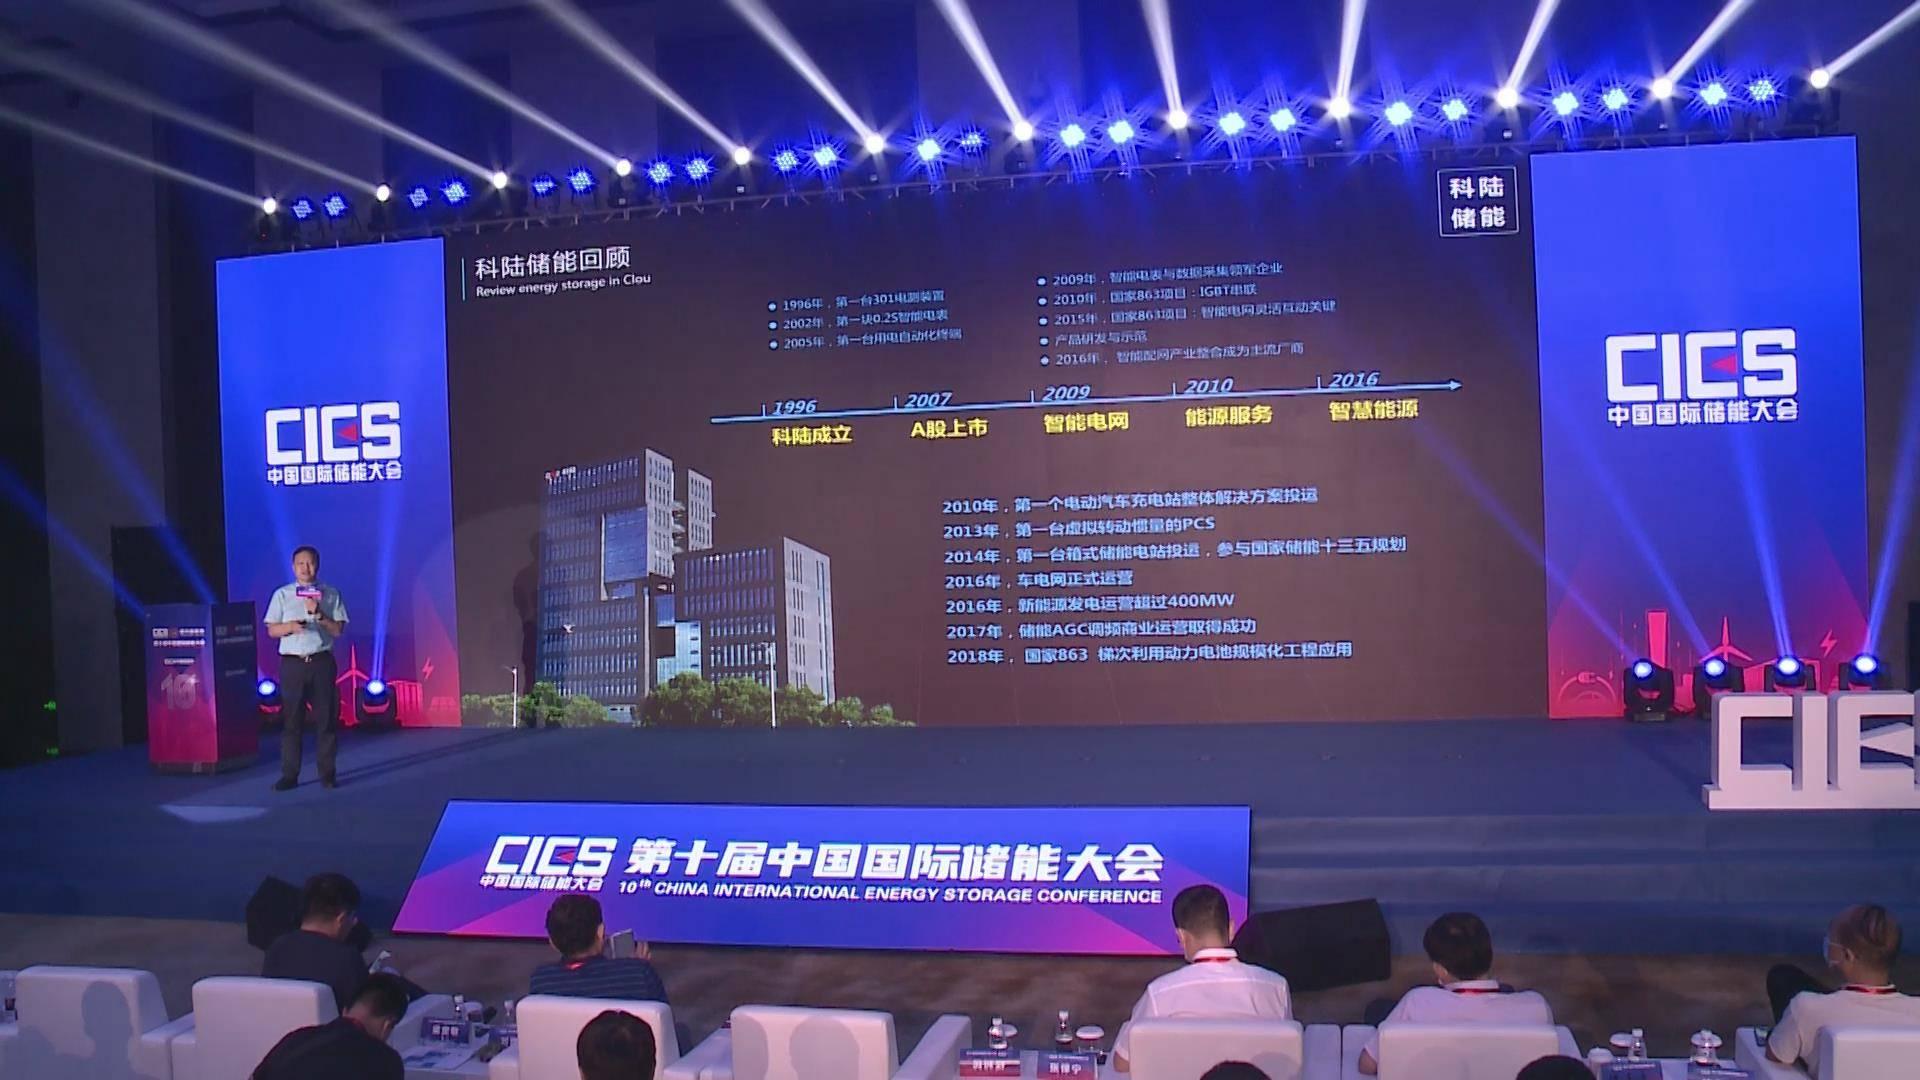 周新华:科陆新一代可再生能源配套储能解决方案与服务